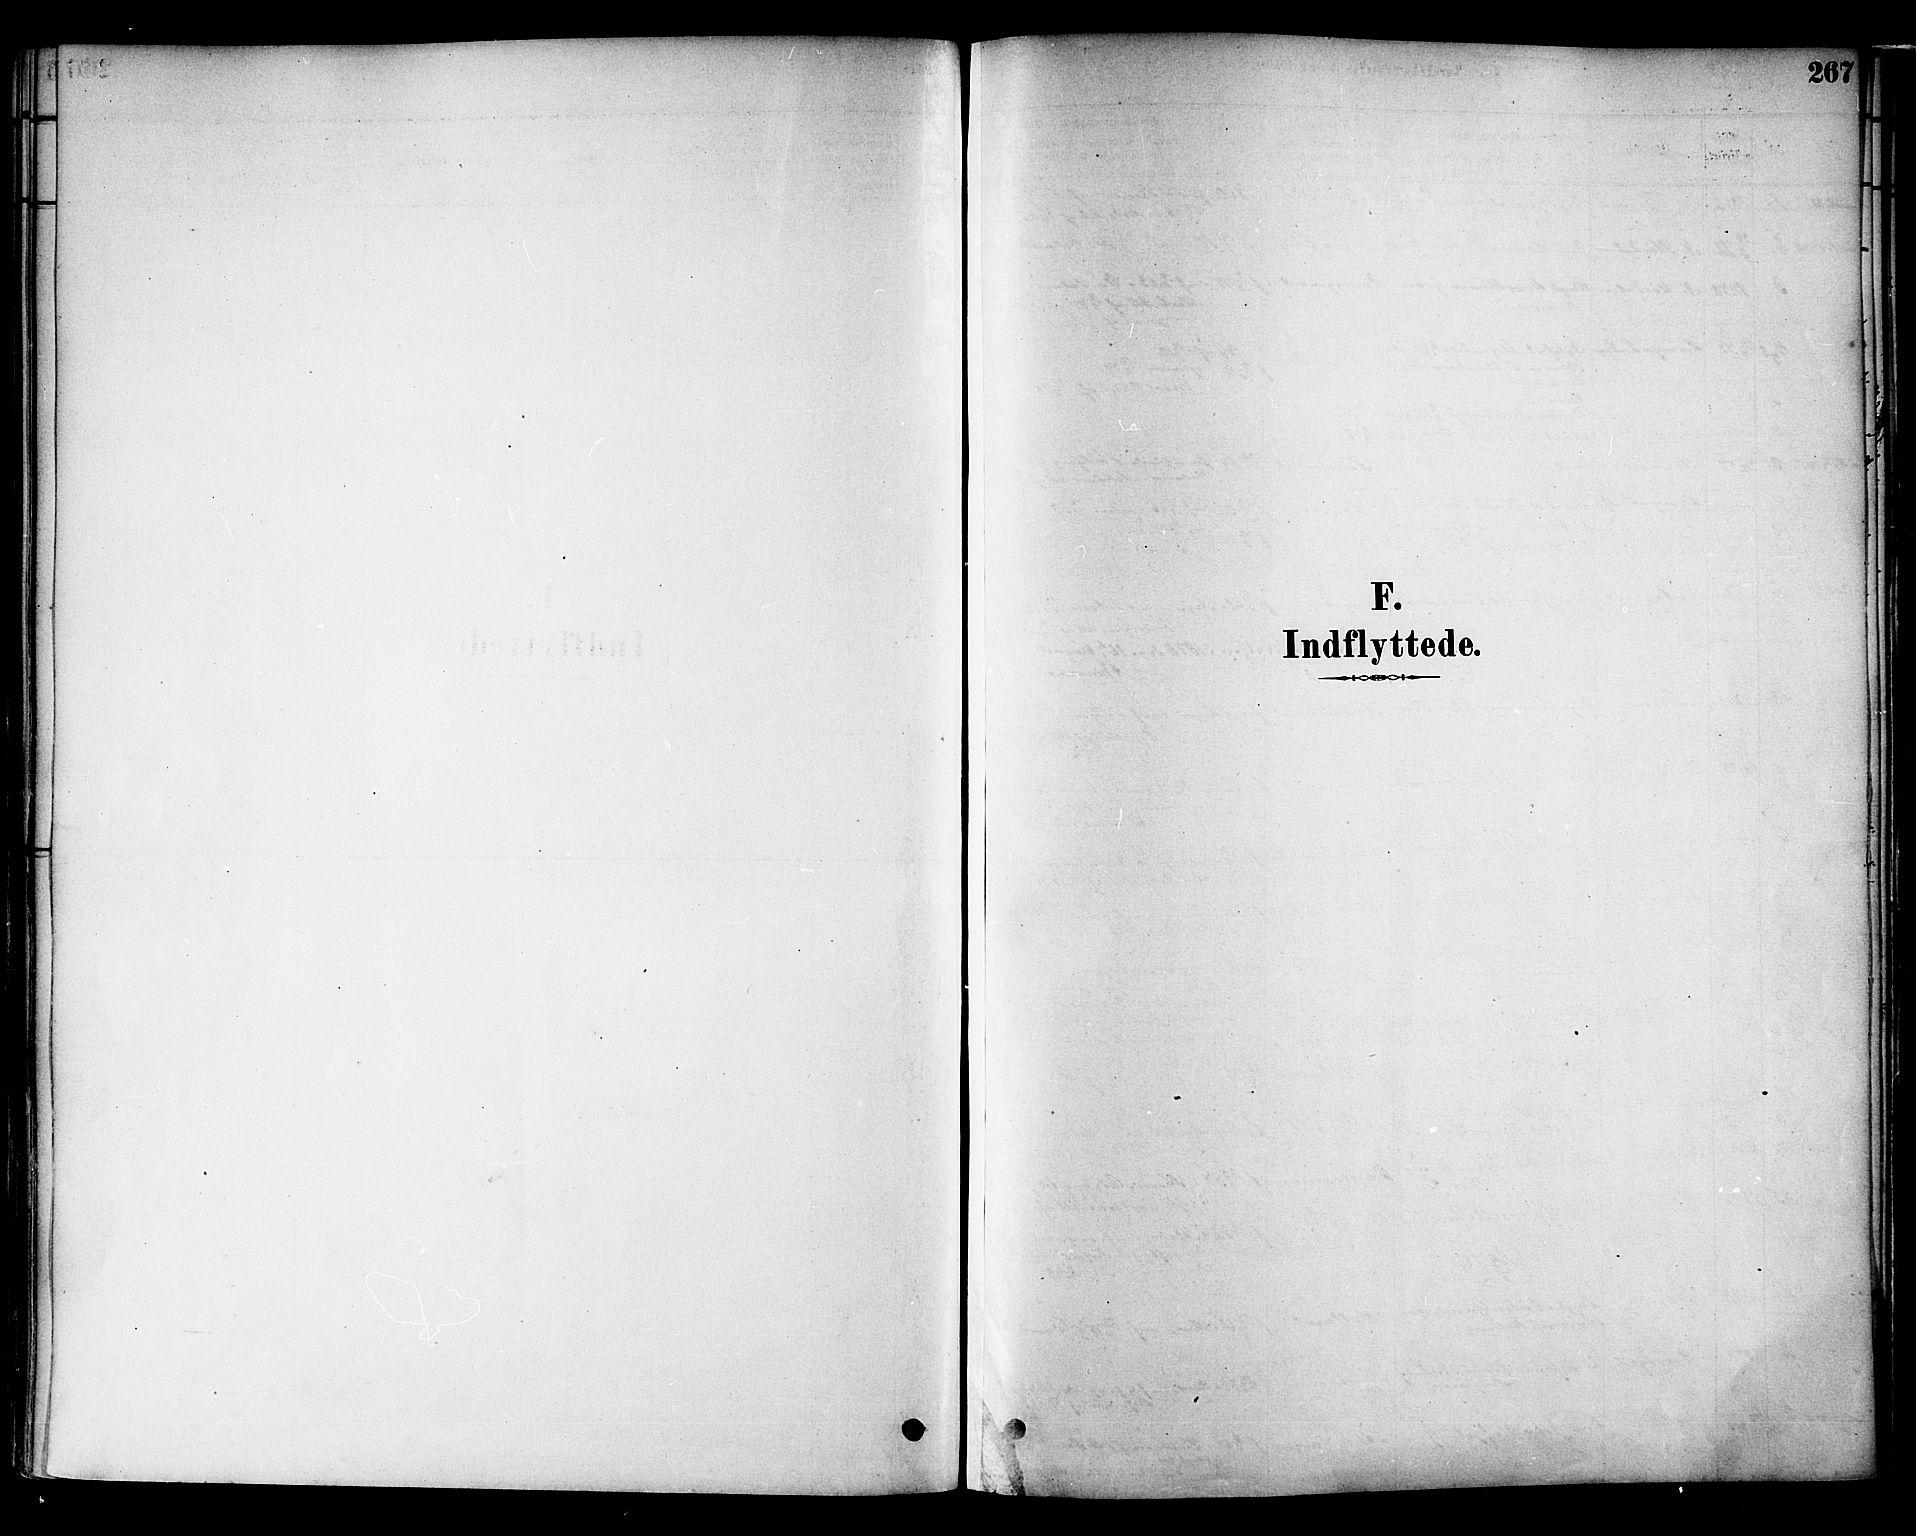 SAT, Ministerialprotokoller, klokkerbøker og fødselsregistre - Nord-Trøndelag, 717/L0159: Ministerialbok nr. 717A09, 1878-1898, s. 267